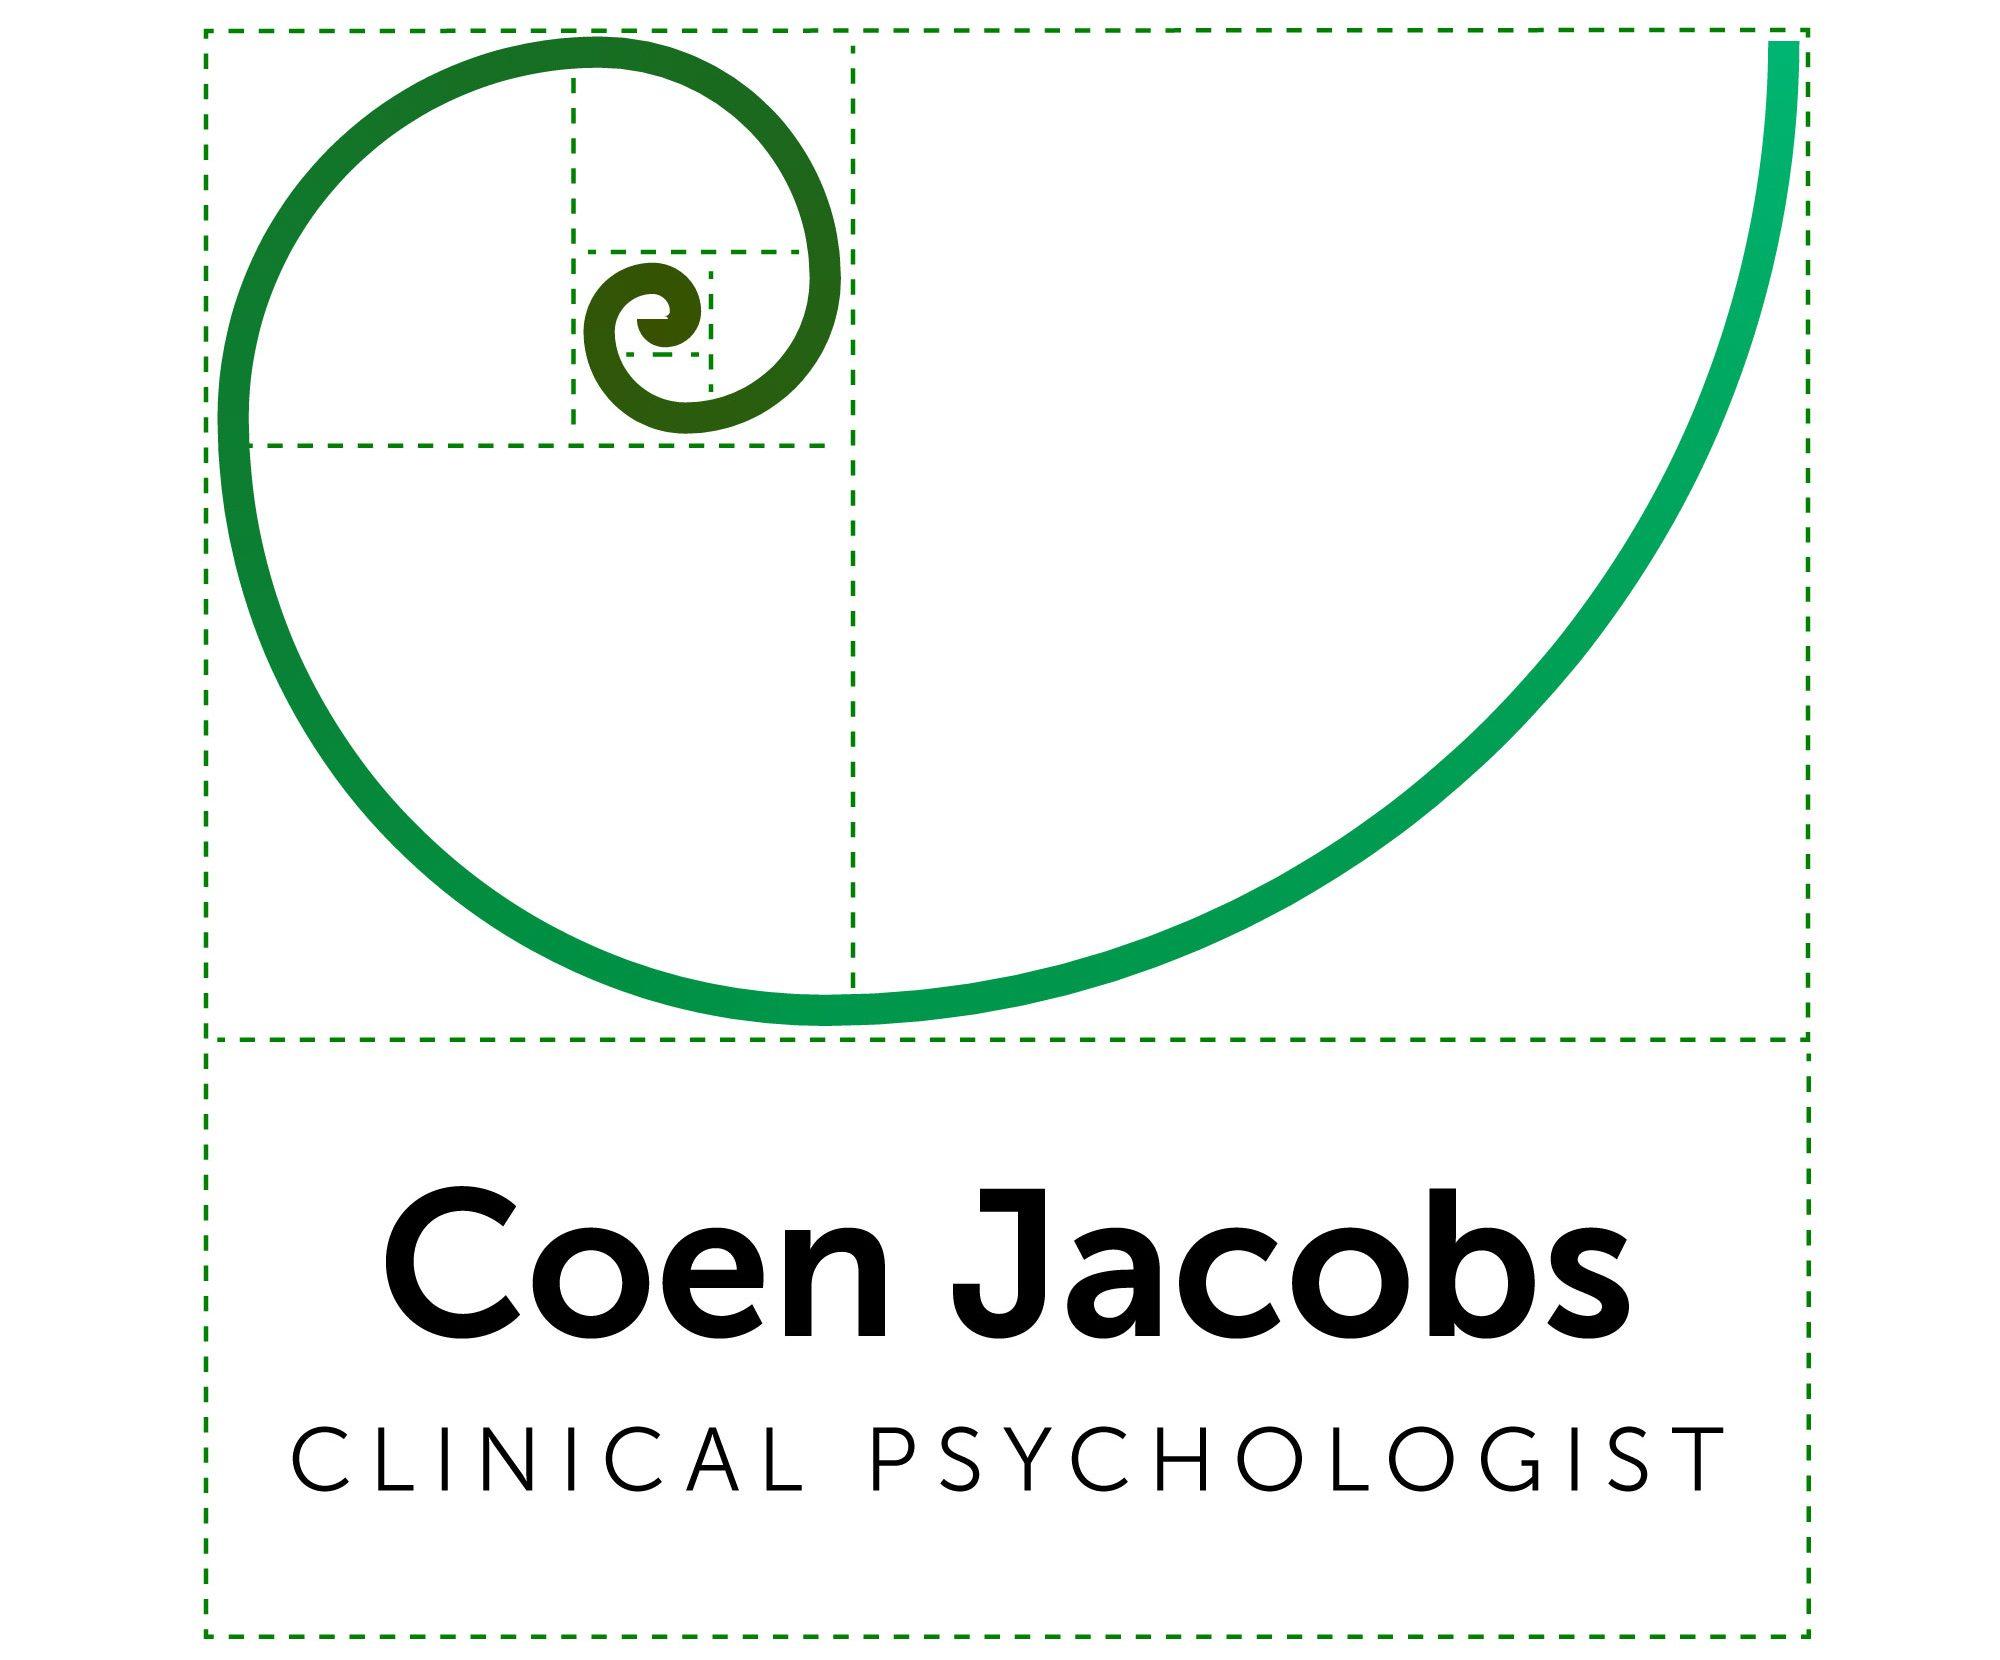 Coen Jacobs Psychologist